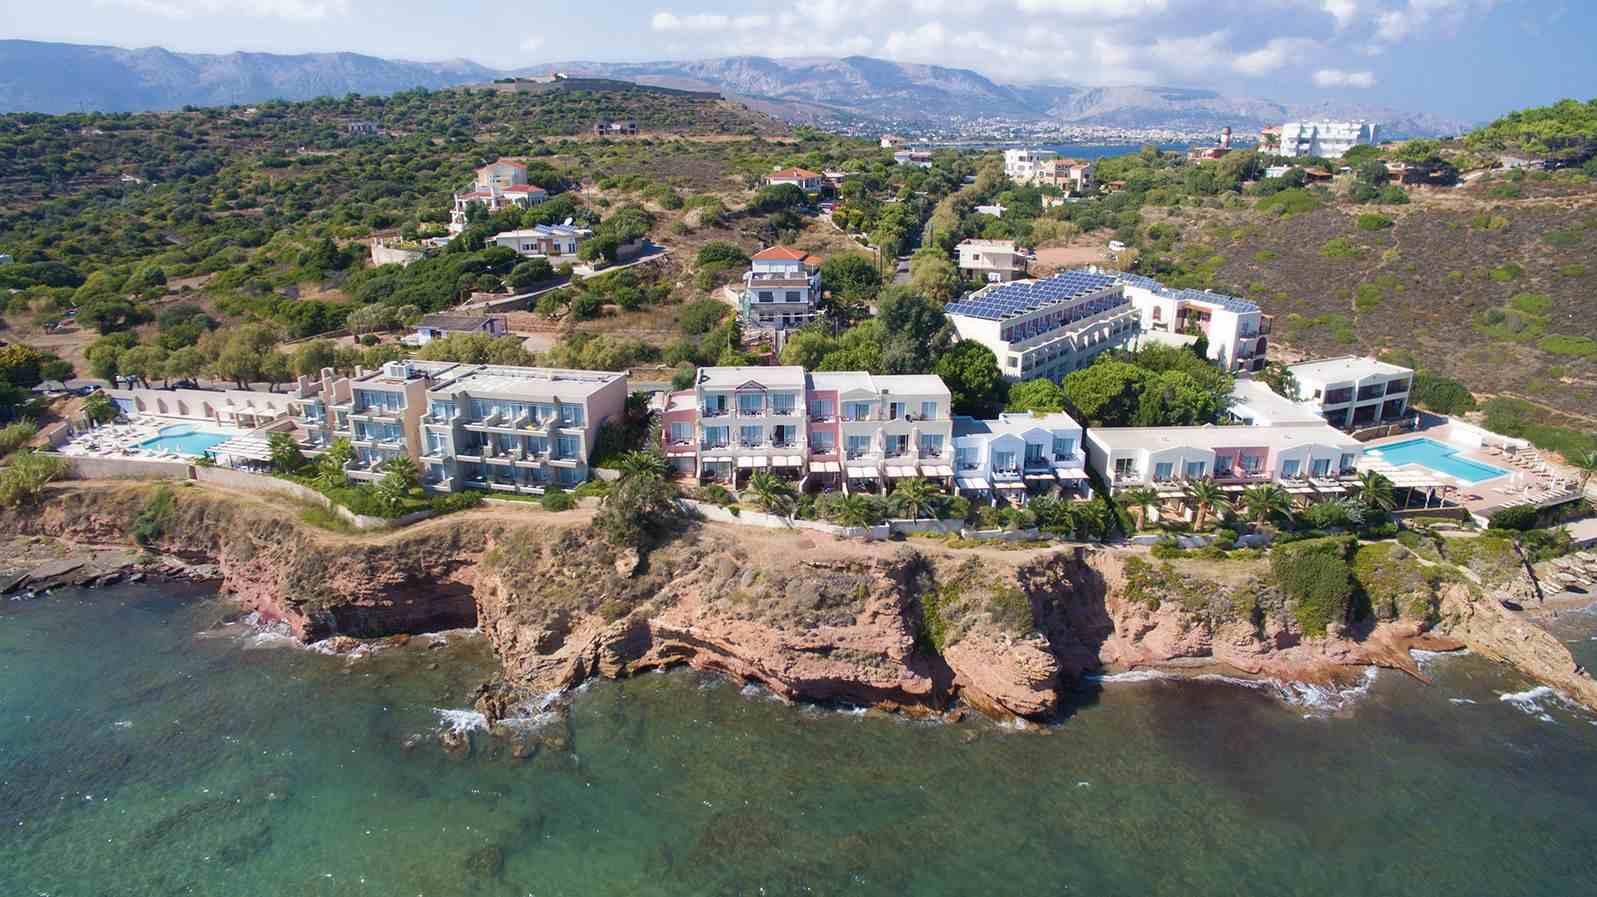 Erytha Hotel Resort Chios